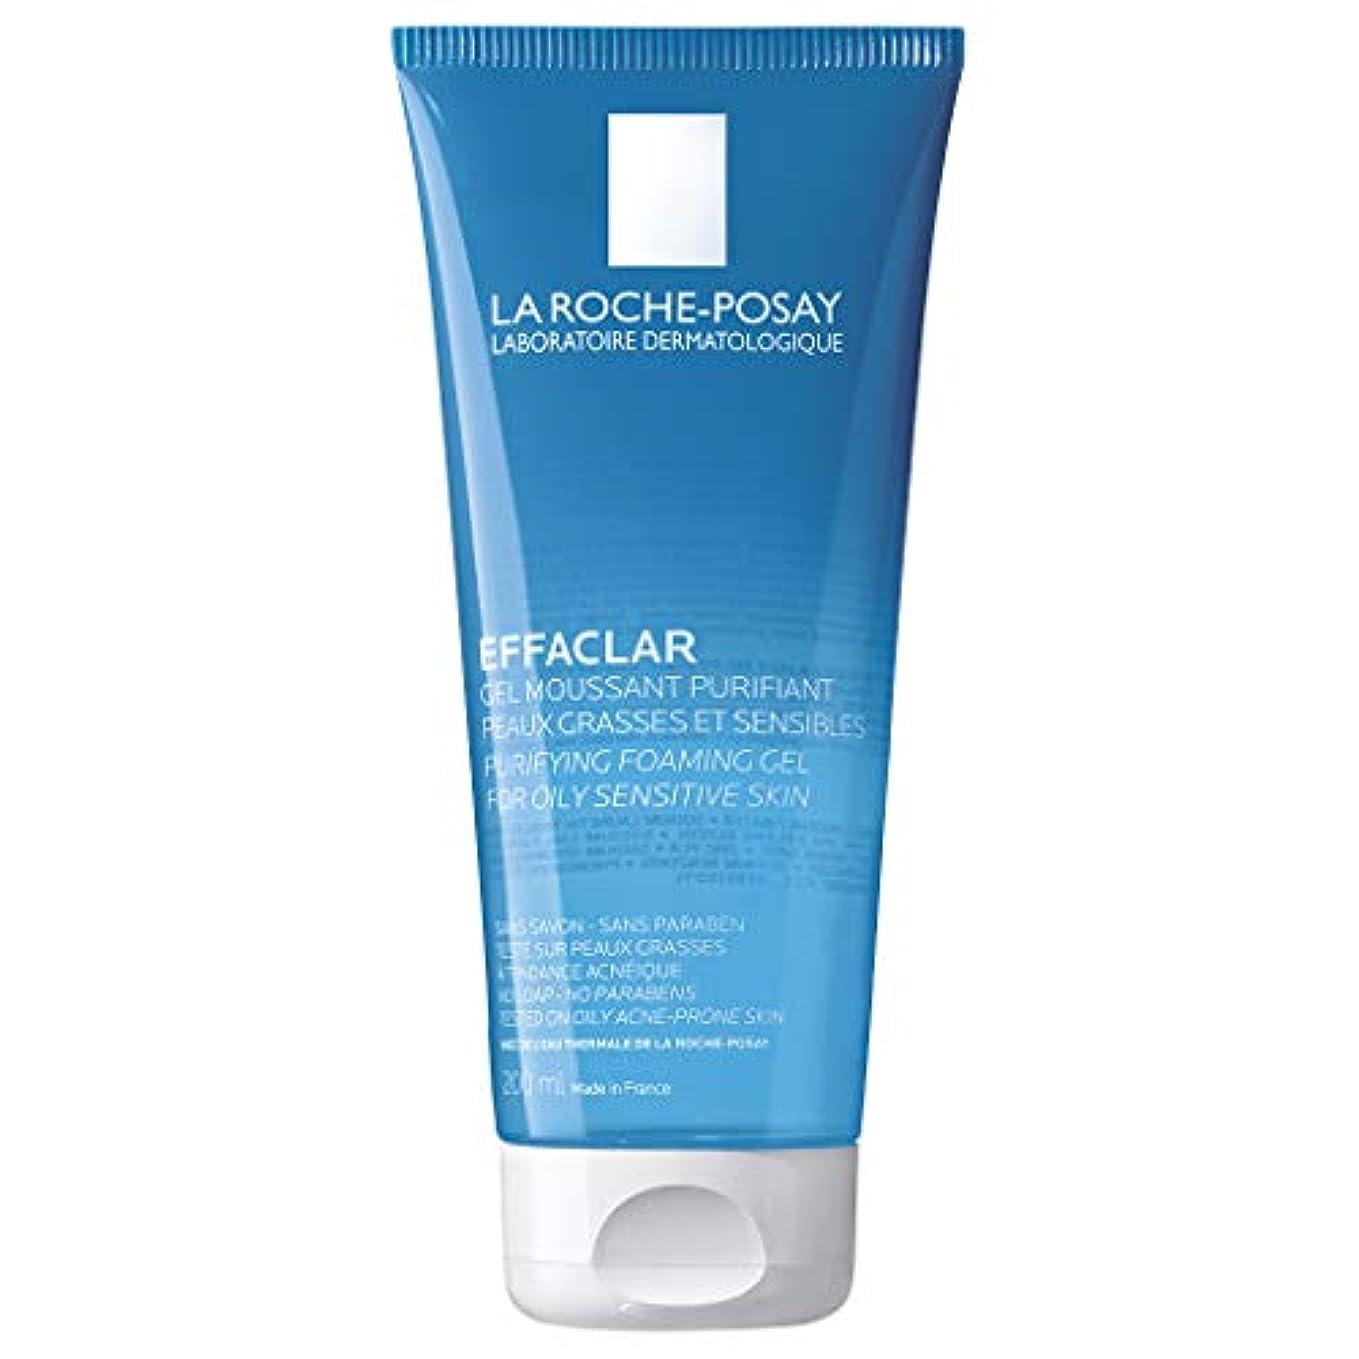 サージパウダー美的[ラロシュ布製] エファクラ 脂性肌のためのピュリファイングフォーミングジェルクレンザー 200ml / La Roche-Posay Effaclar Purifying Foaming Gel Cleanser for...